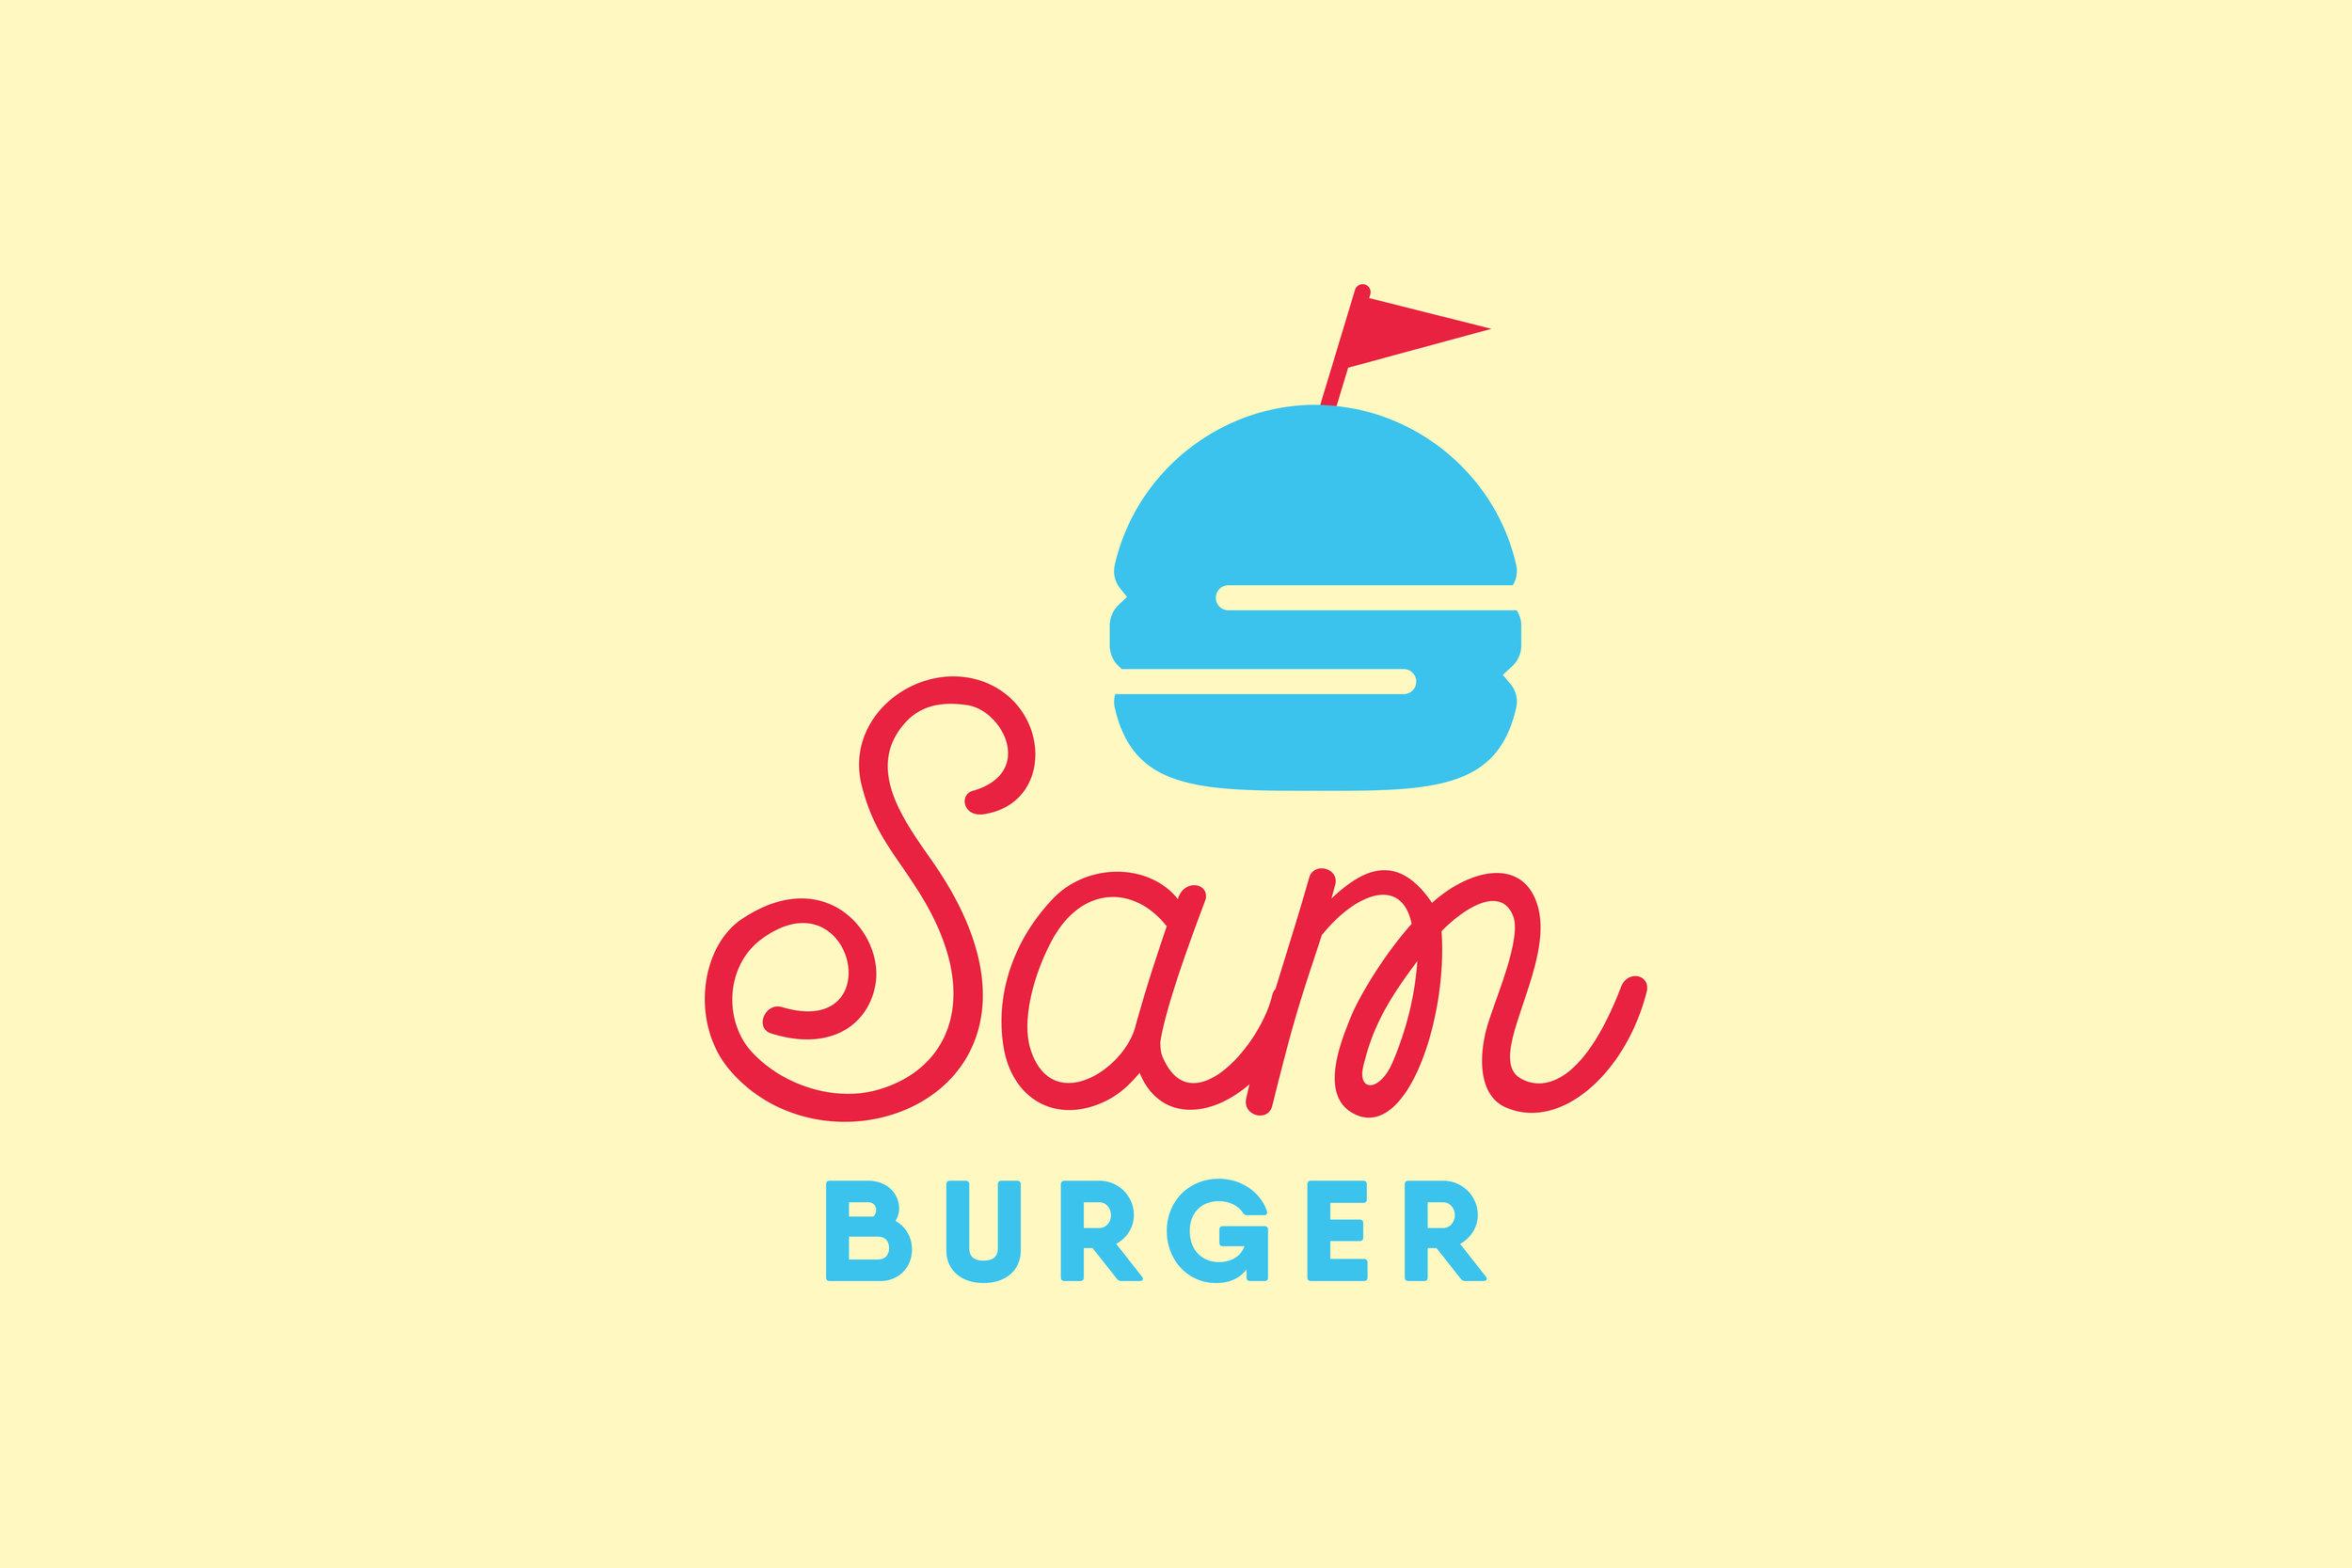 Samburger_Logo.jpg